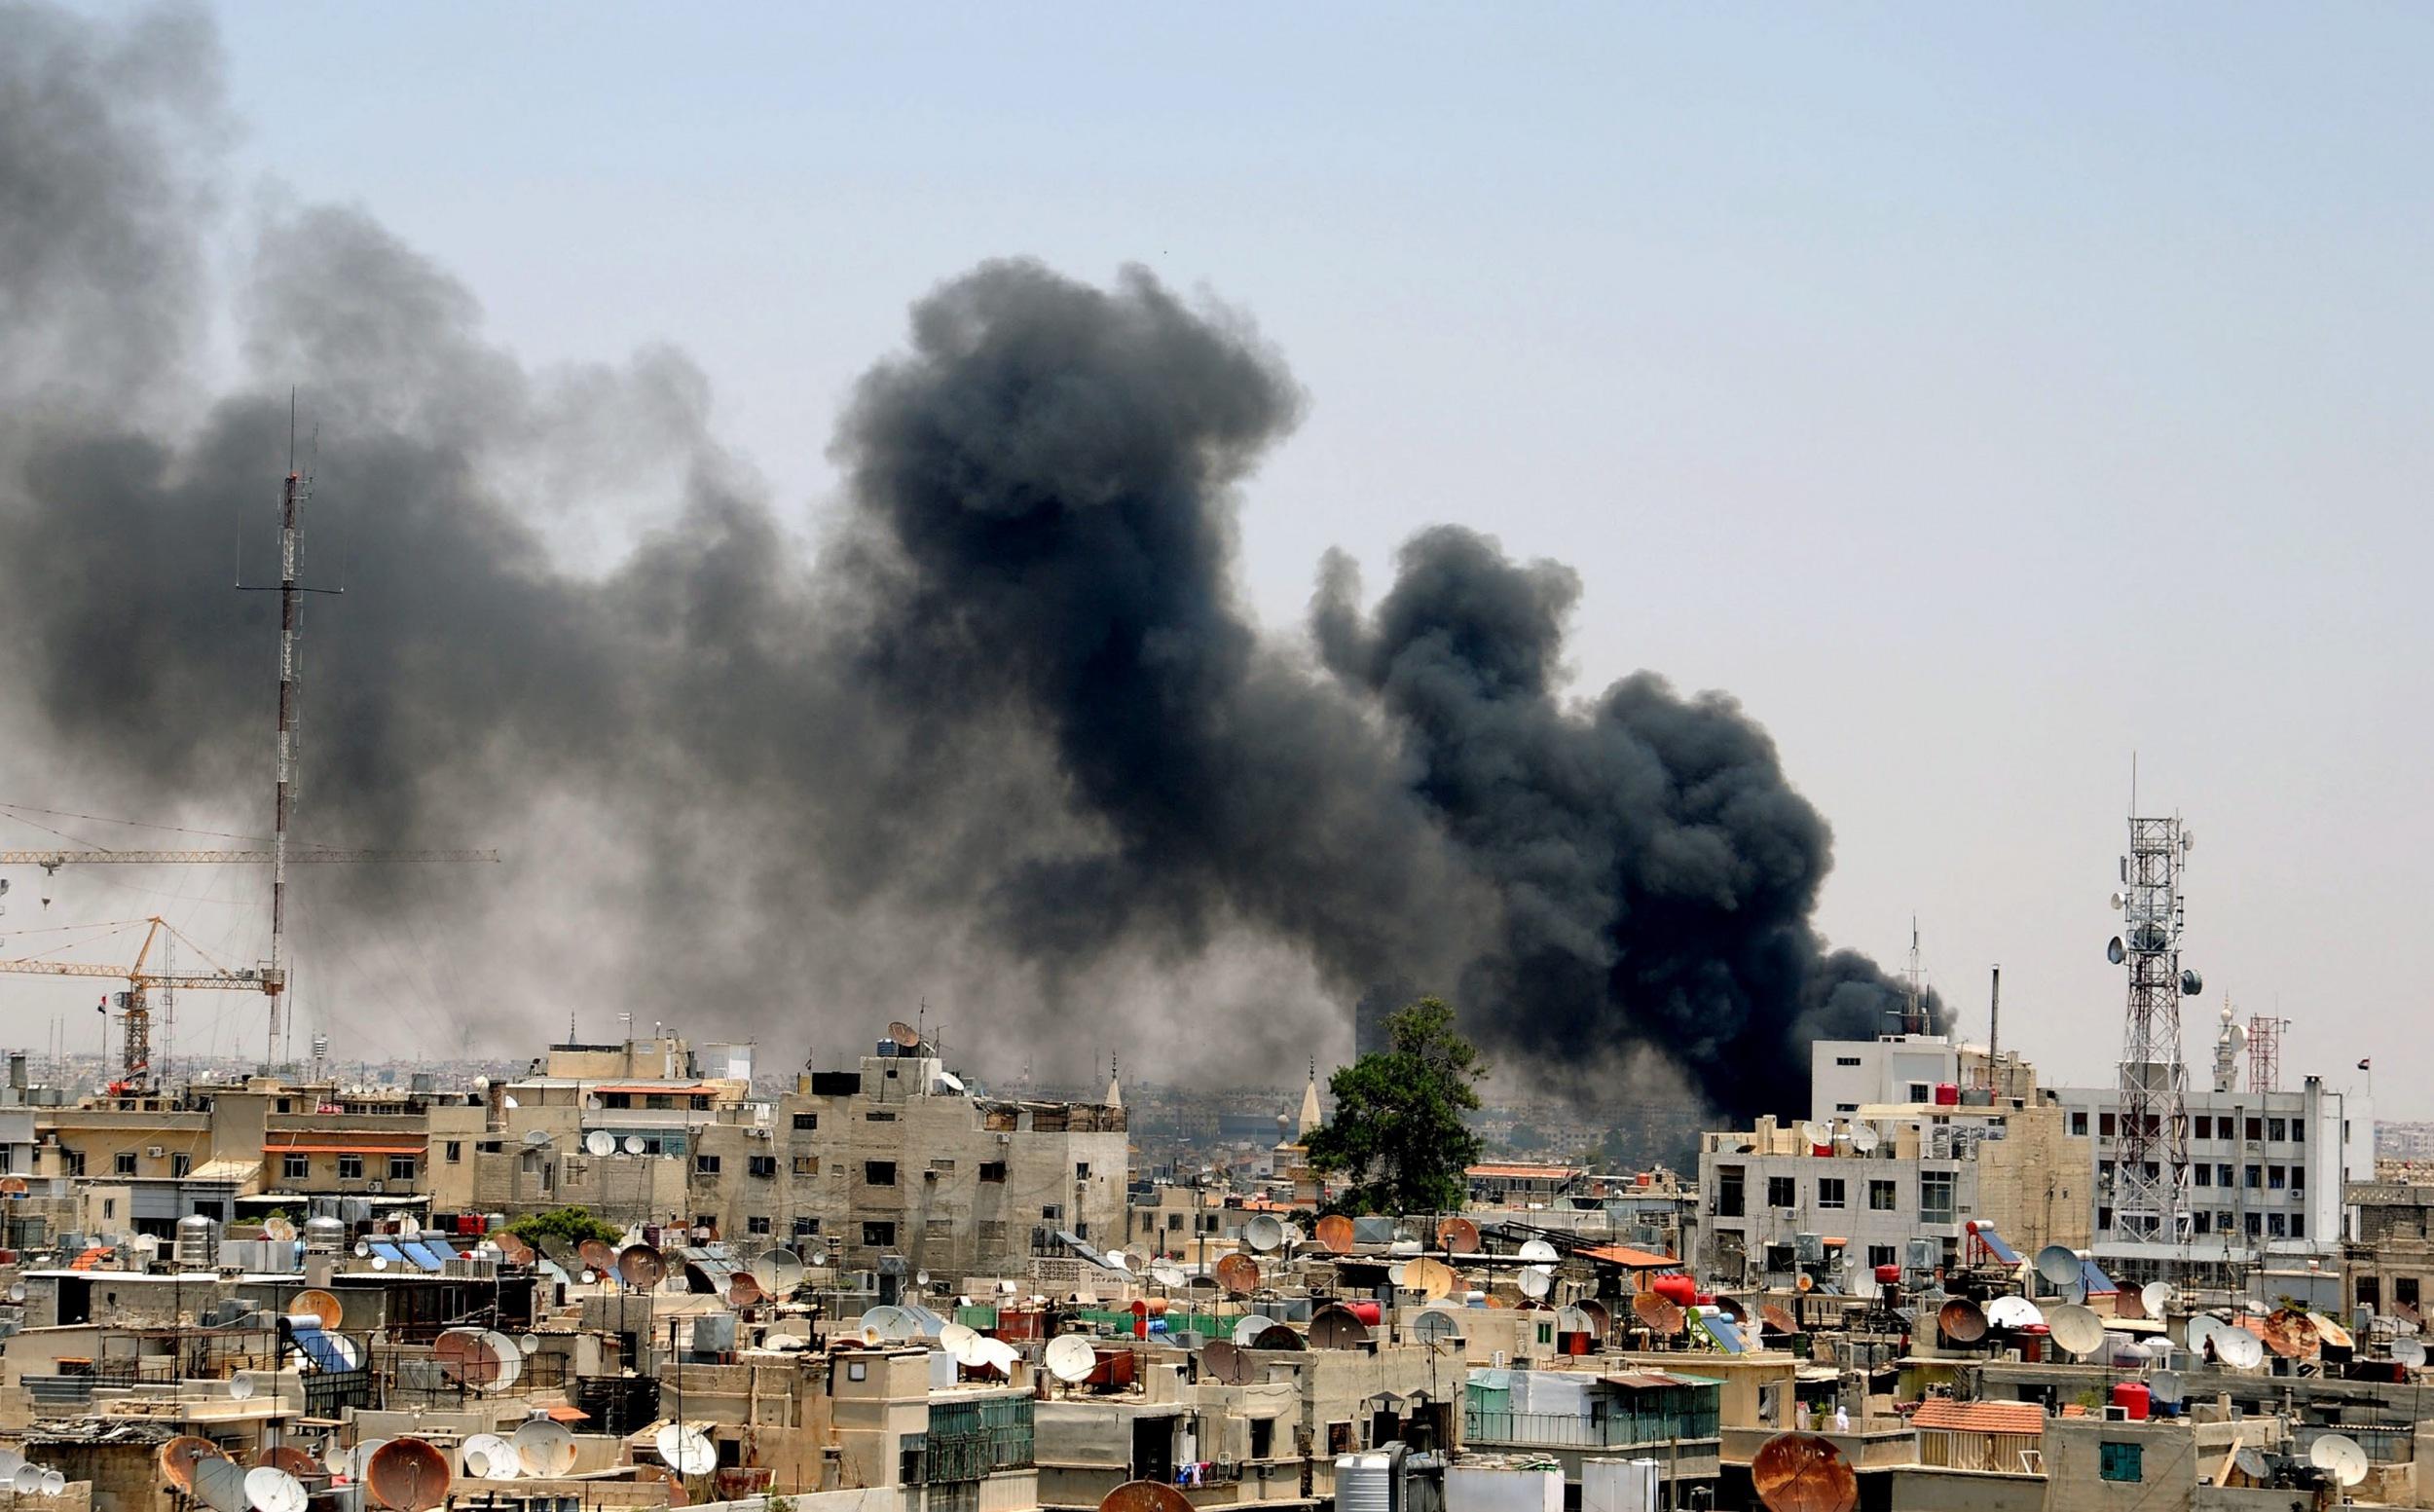 Das Bild zeigt den Rauch, der von einer Bombenexplosion im Justizpalast von Damaskus aufsteigt